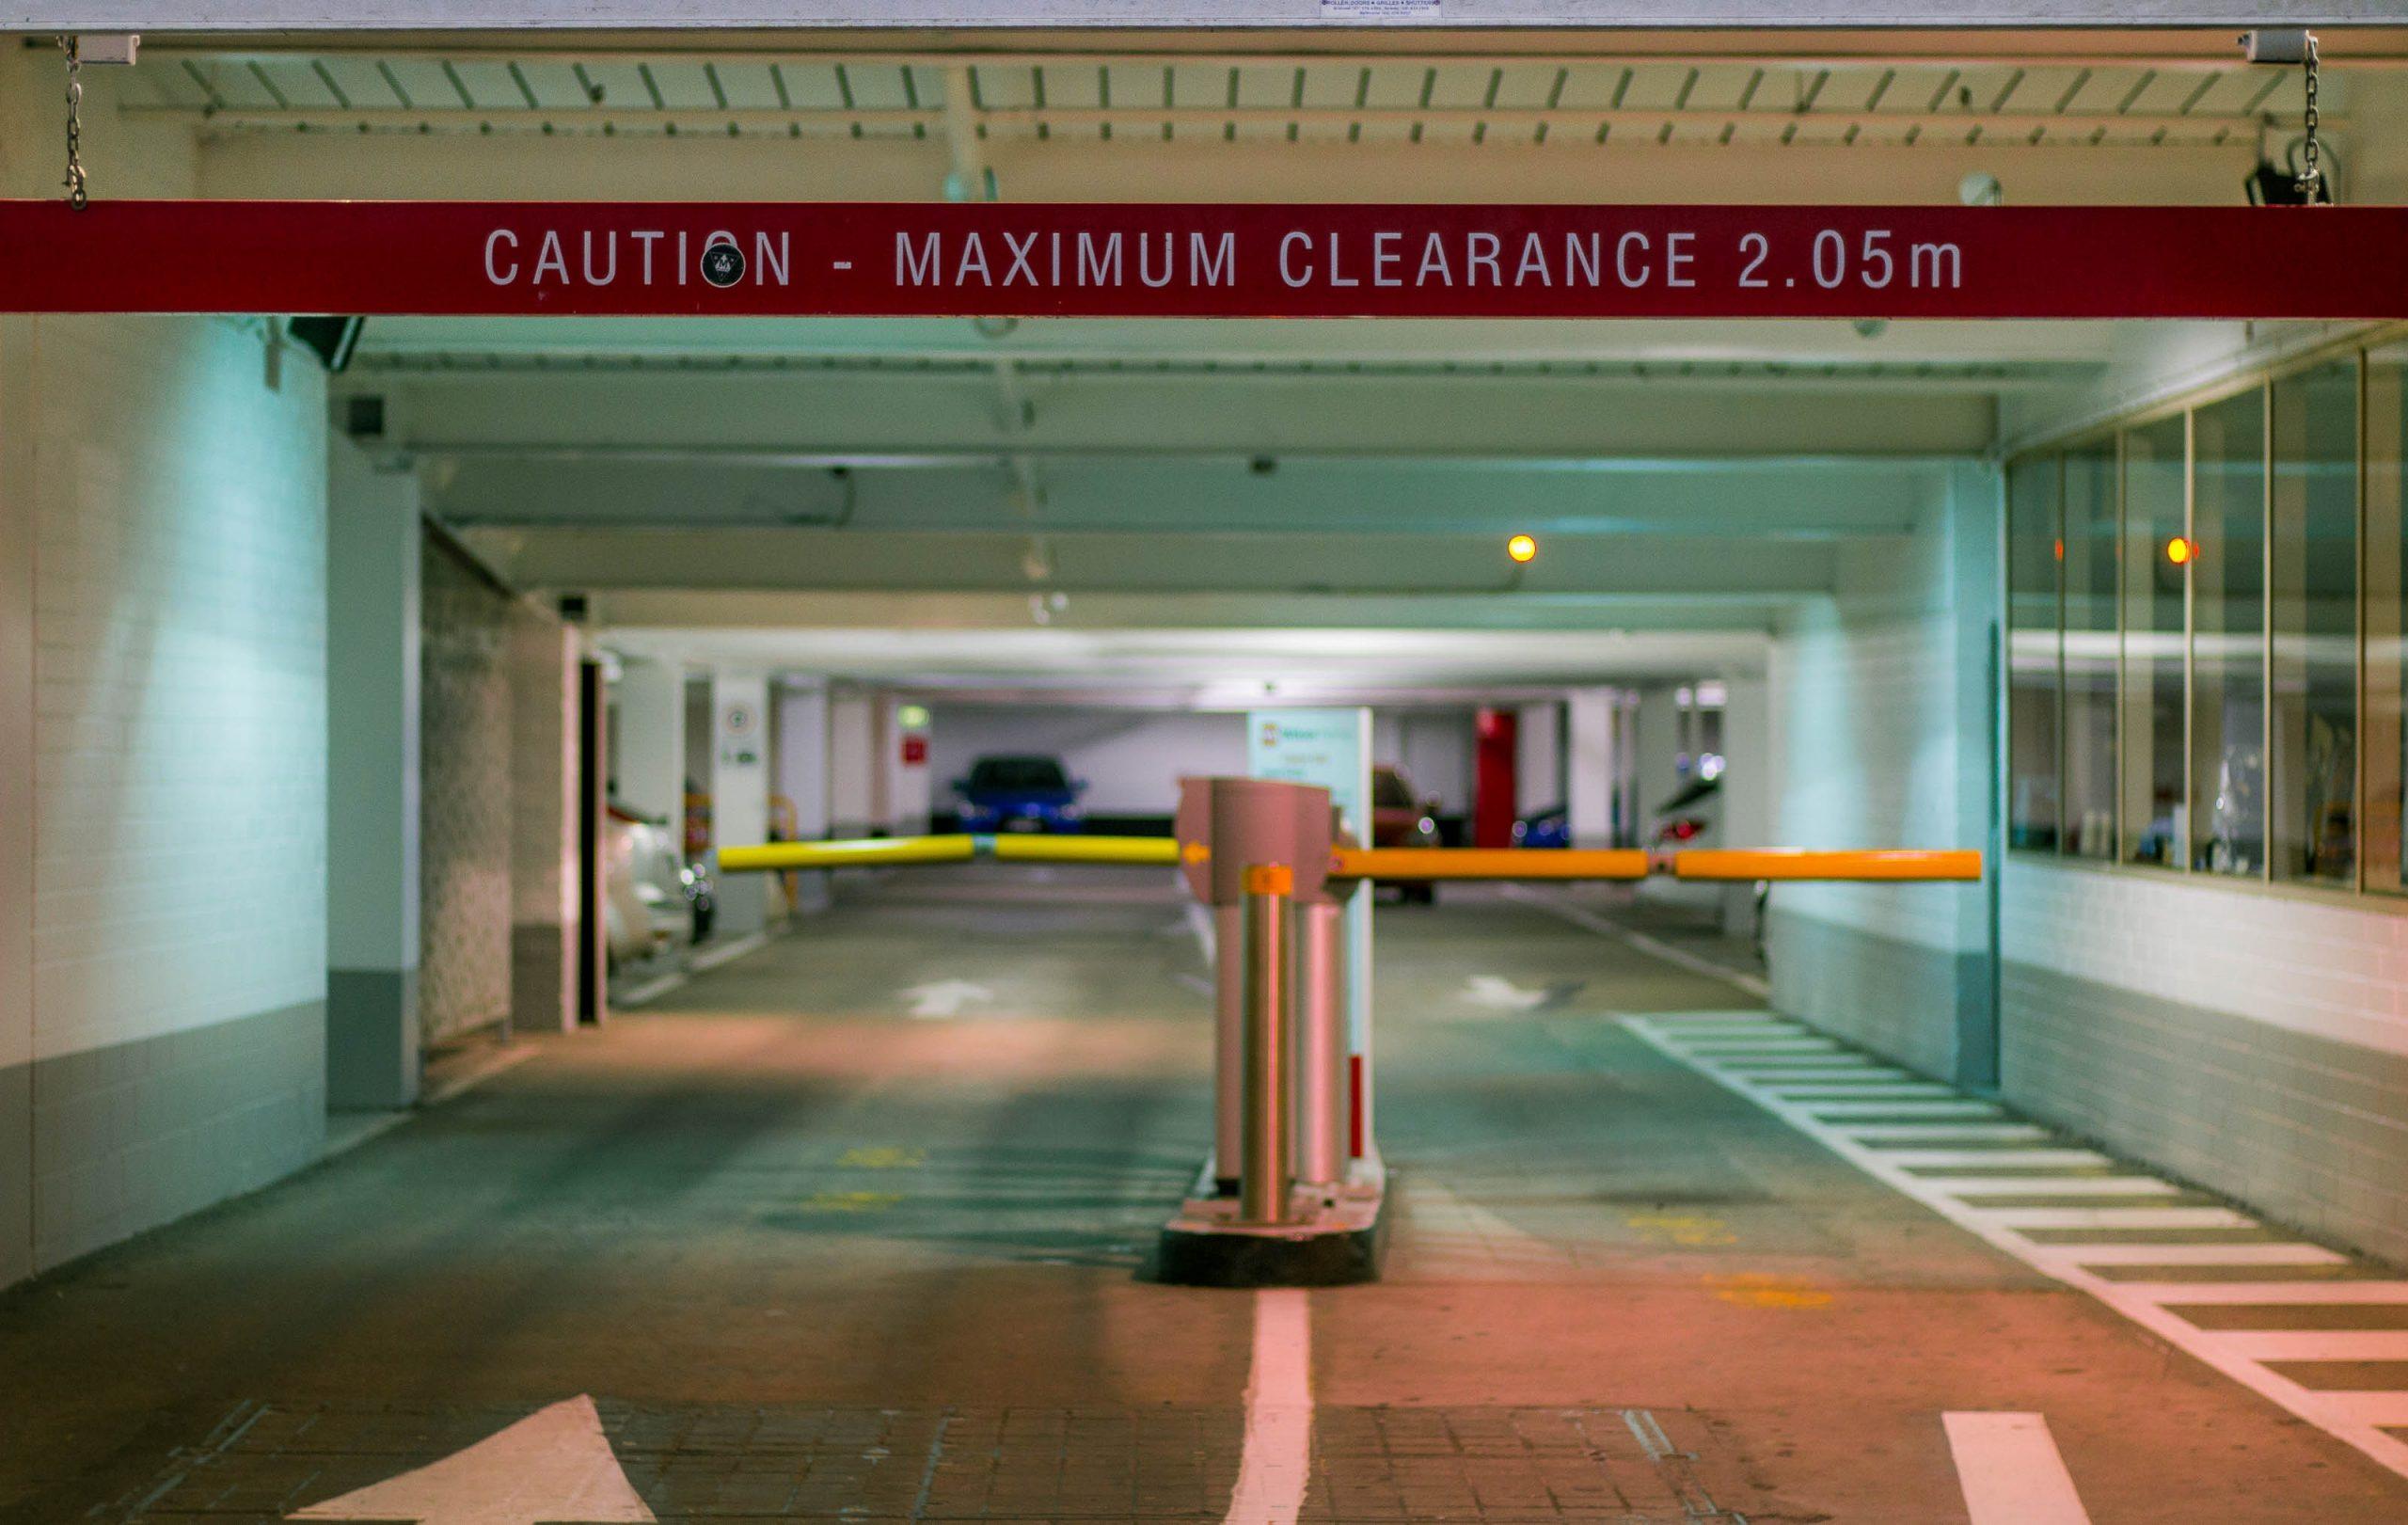 Z jakich elementów składa się optymalny system parkingowy?